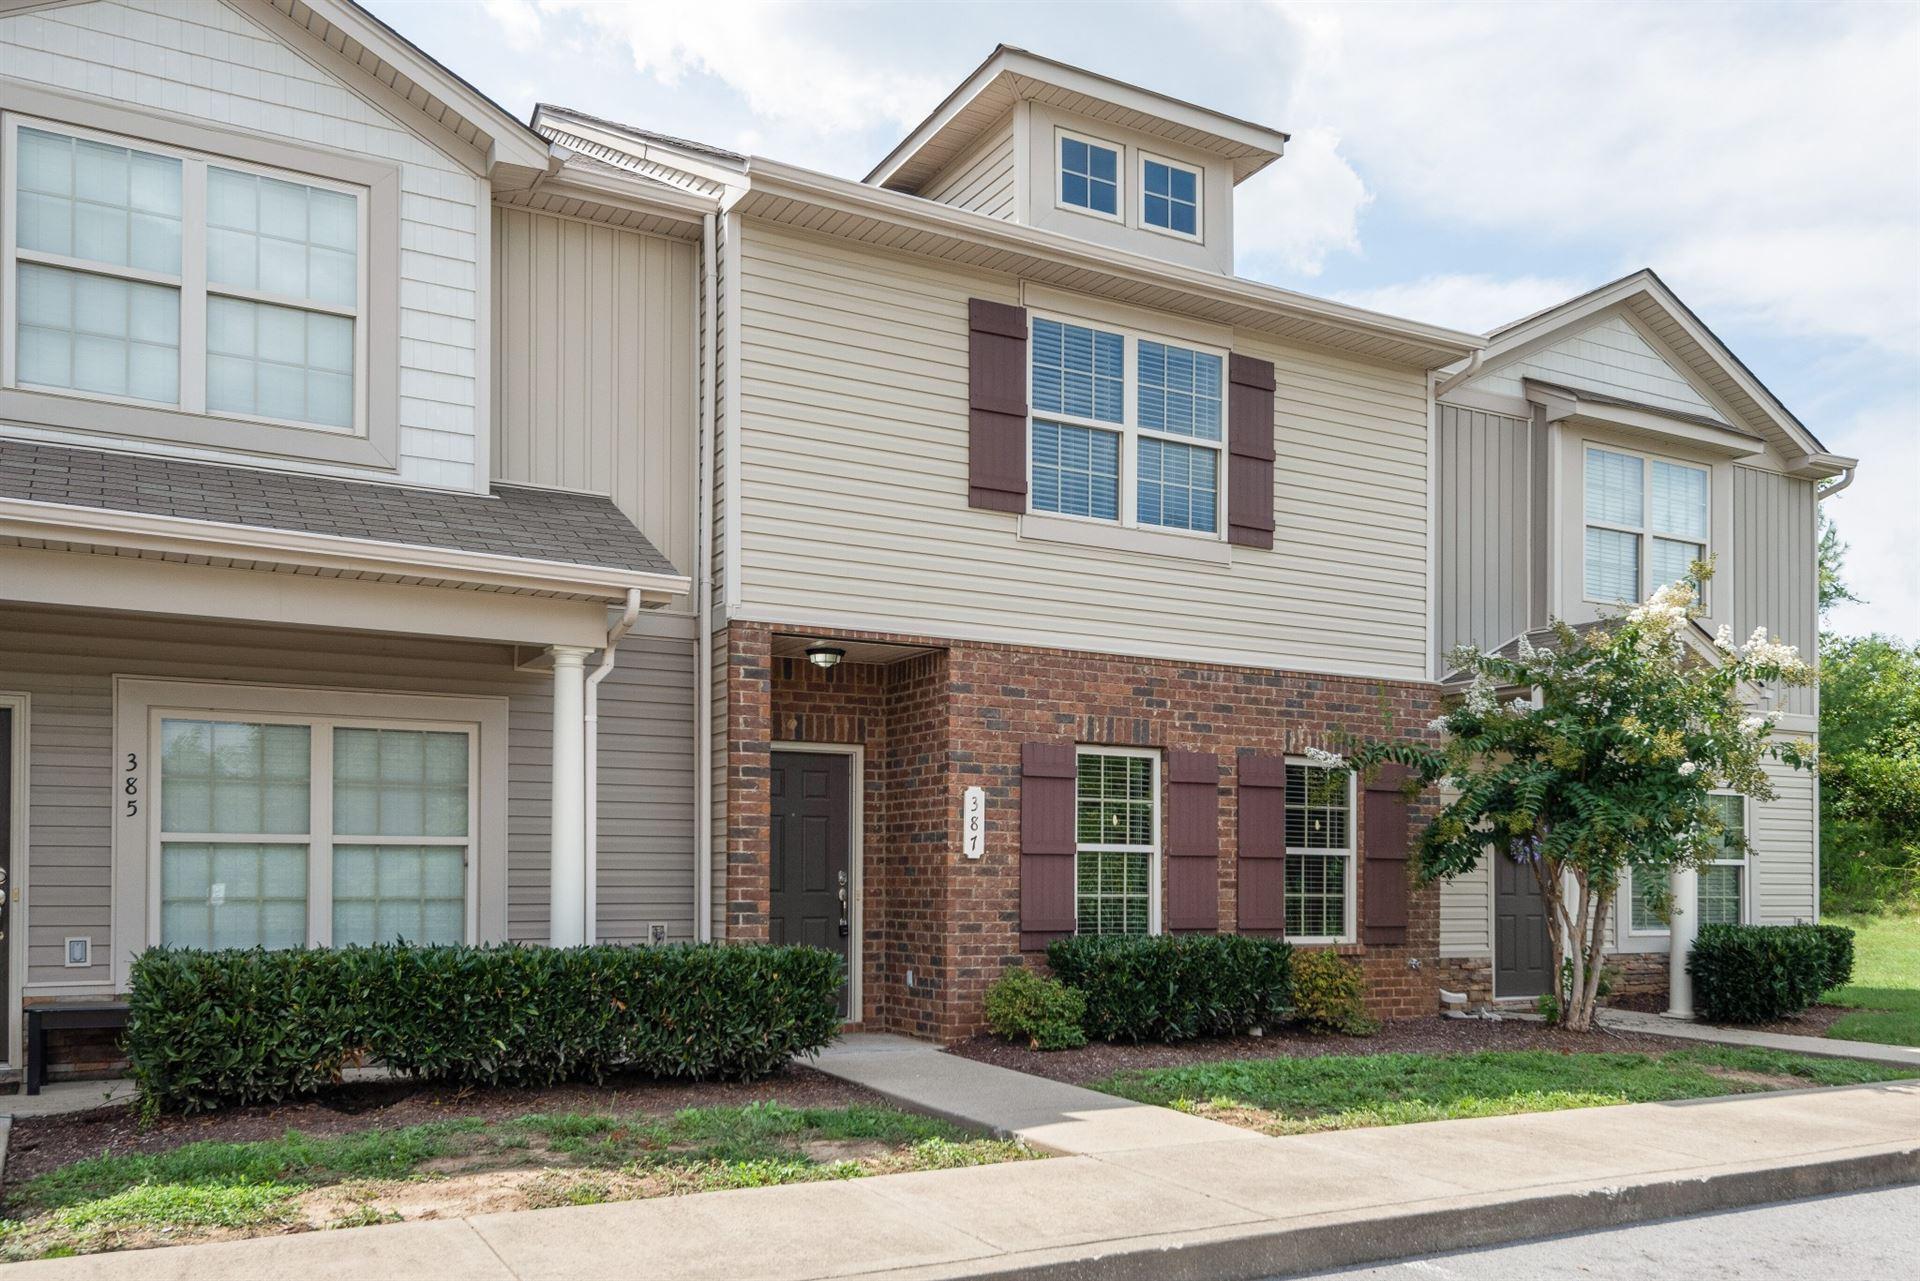 387 Brooklet Ct, Murfreesboro, TN 37128 - MLS#: 2288520